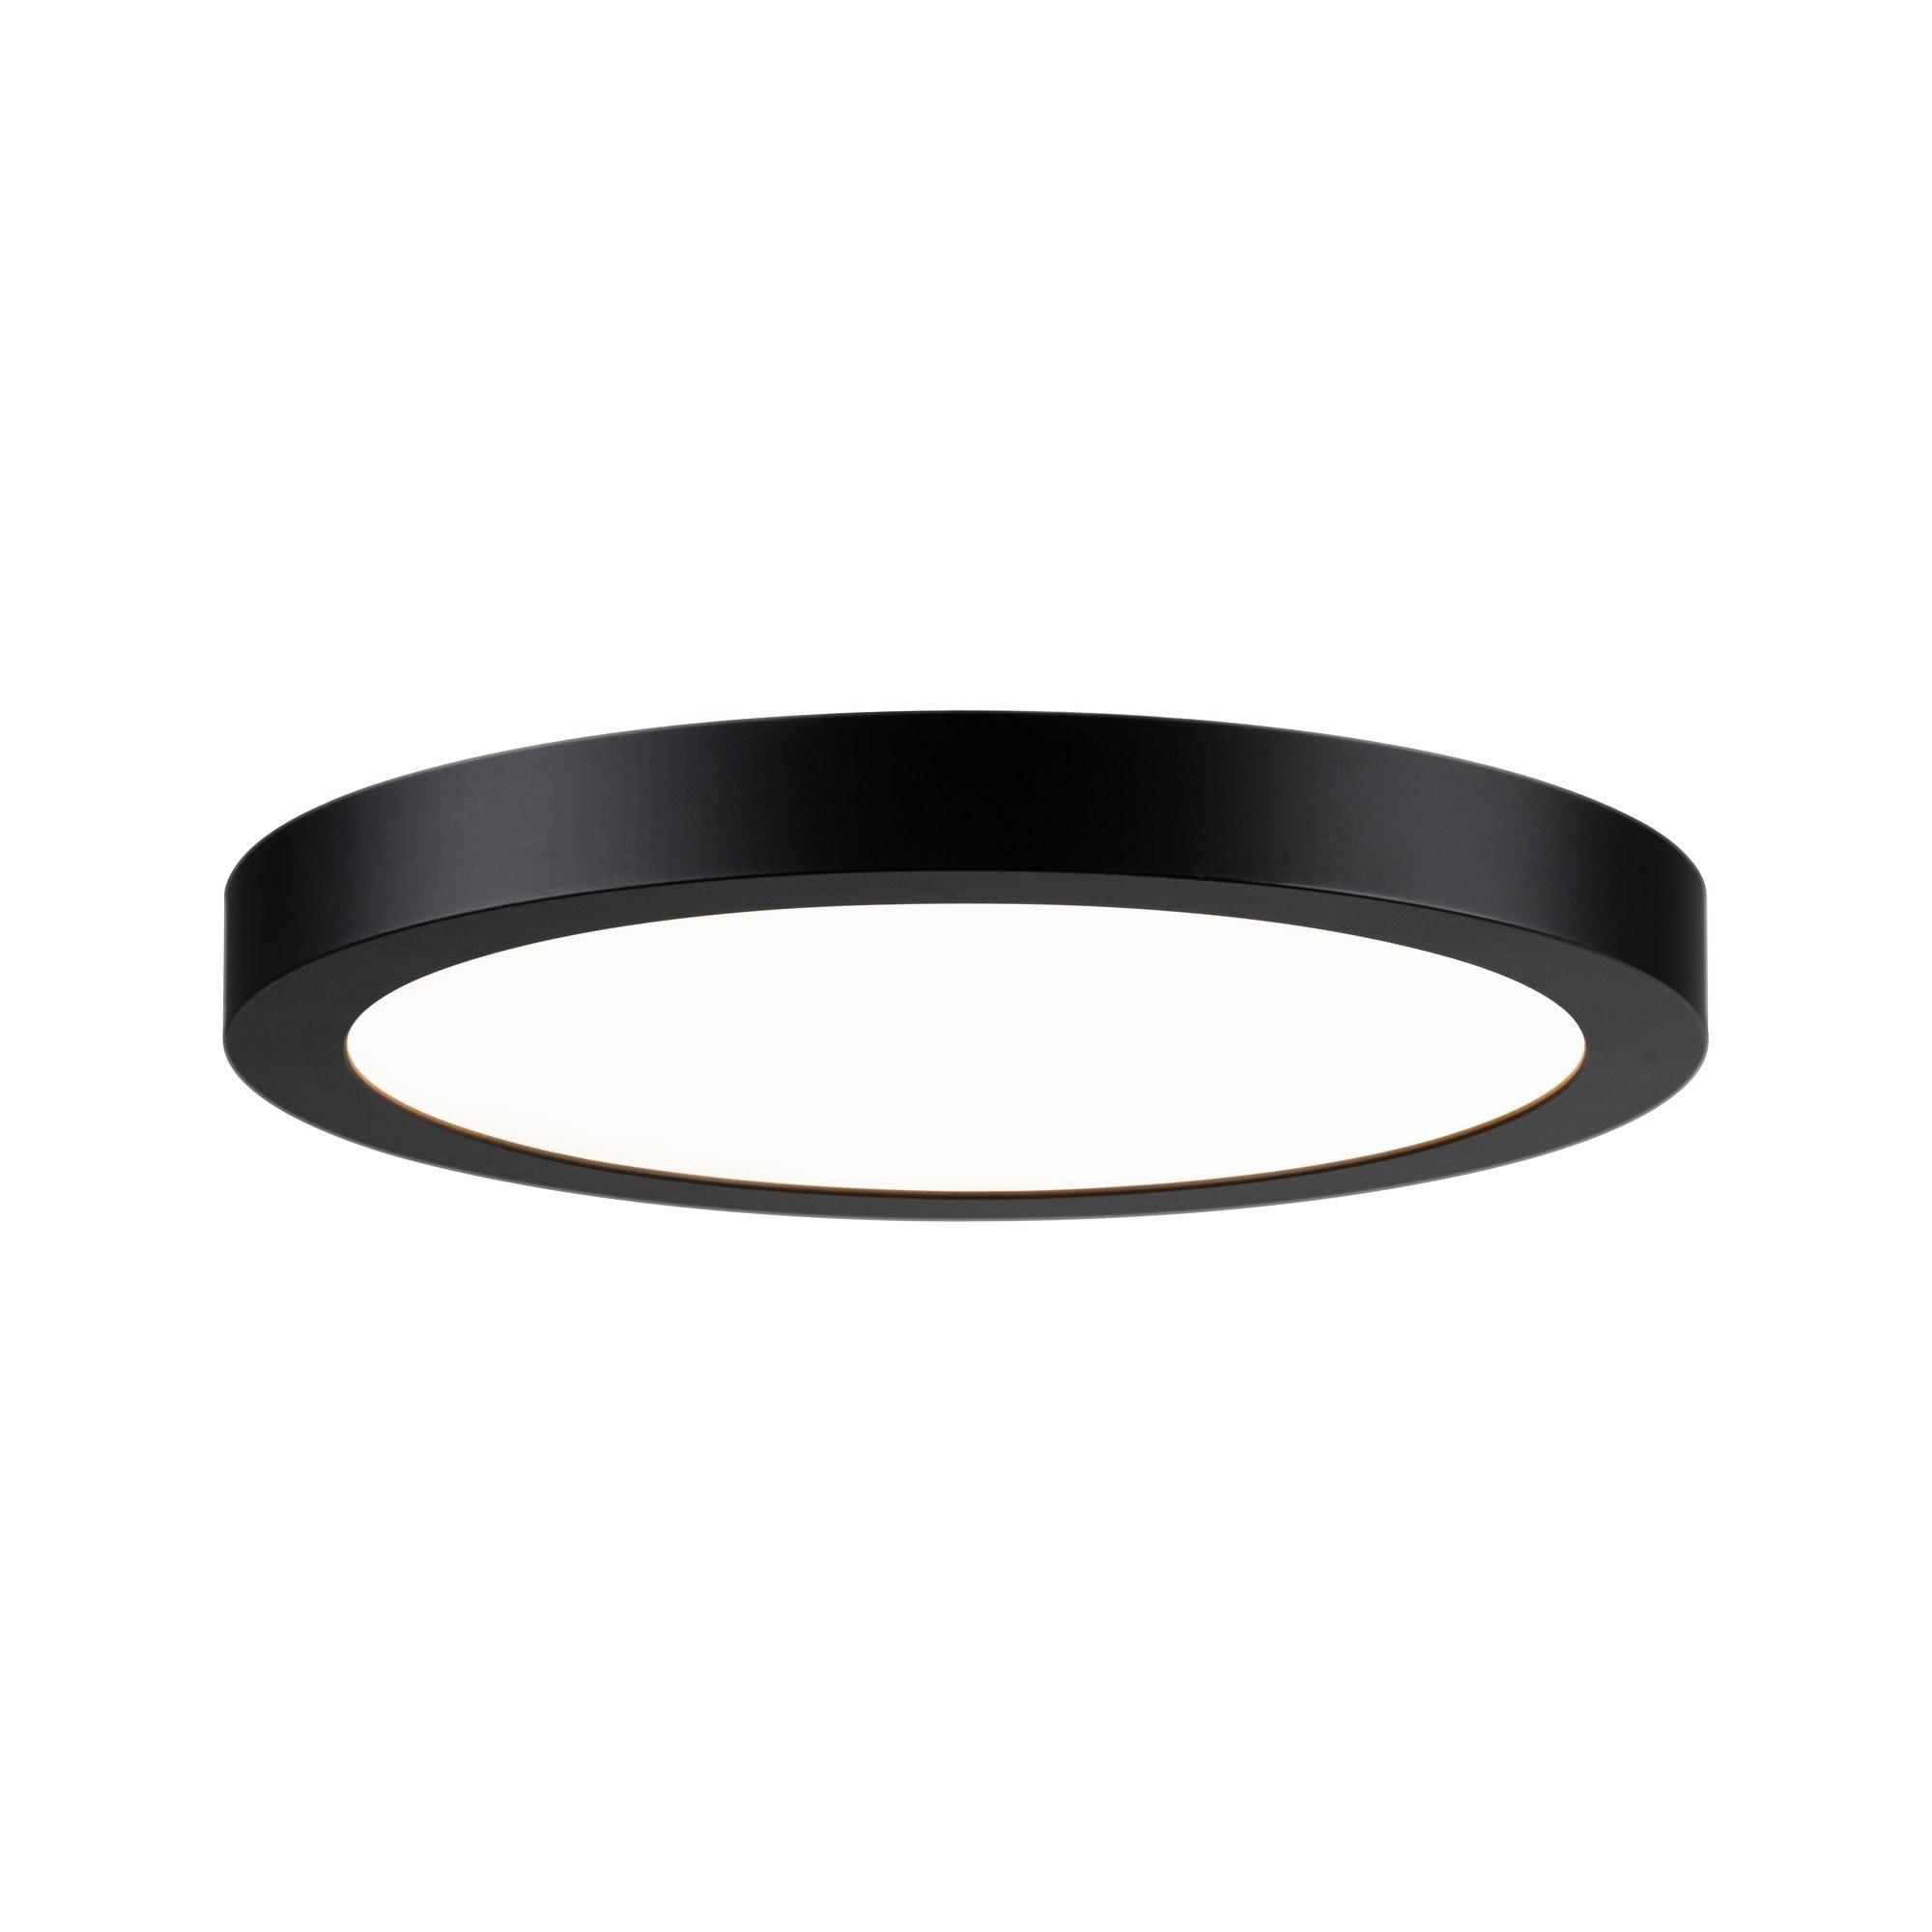 Paulmann LED Deckenleuchte Panel Abia rund 300mm 22W 2.700K Schwarz matt, 1 St., Warmweiß